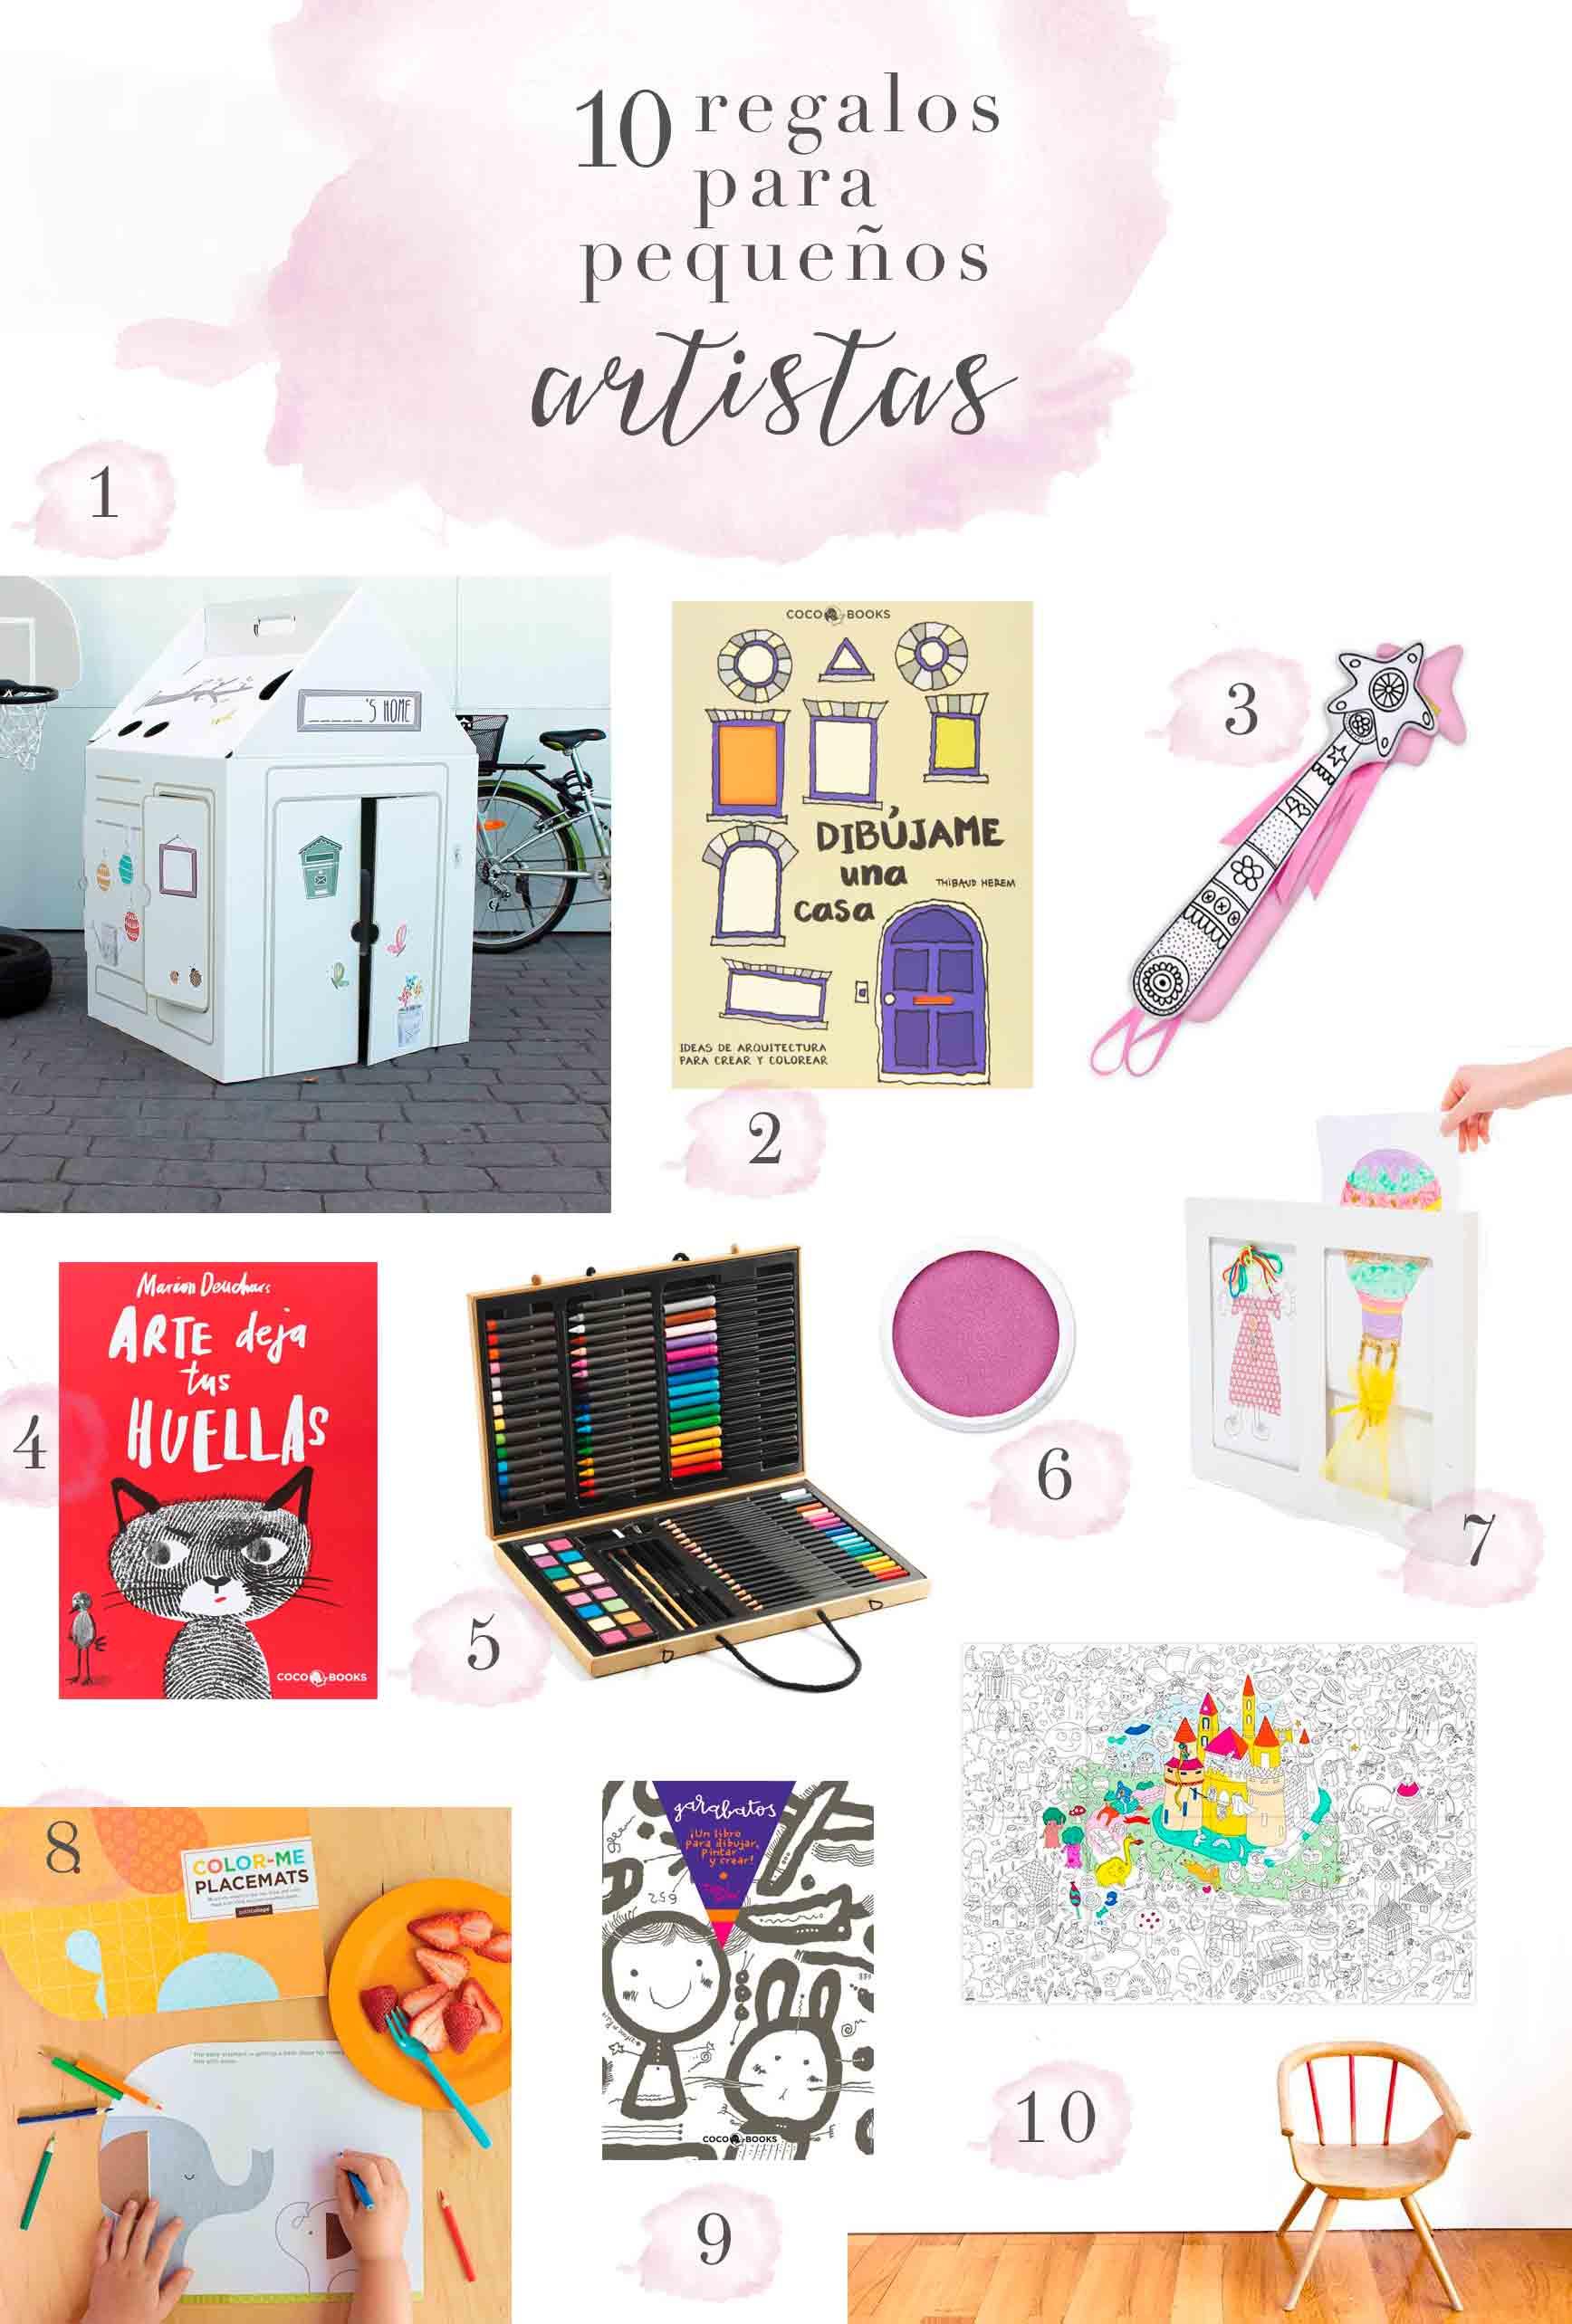 10 regalos para pequeños artistas